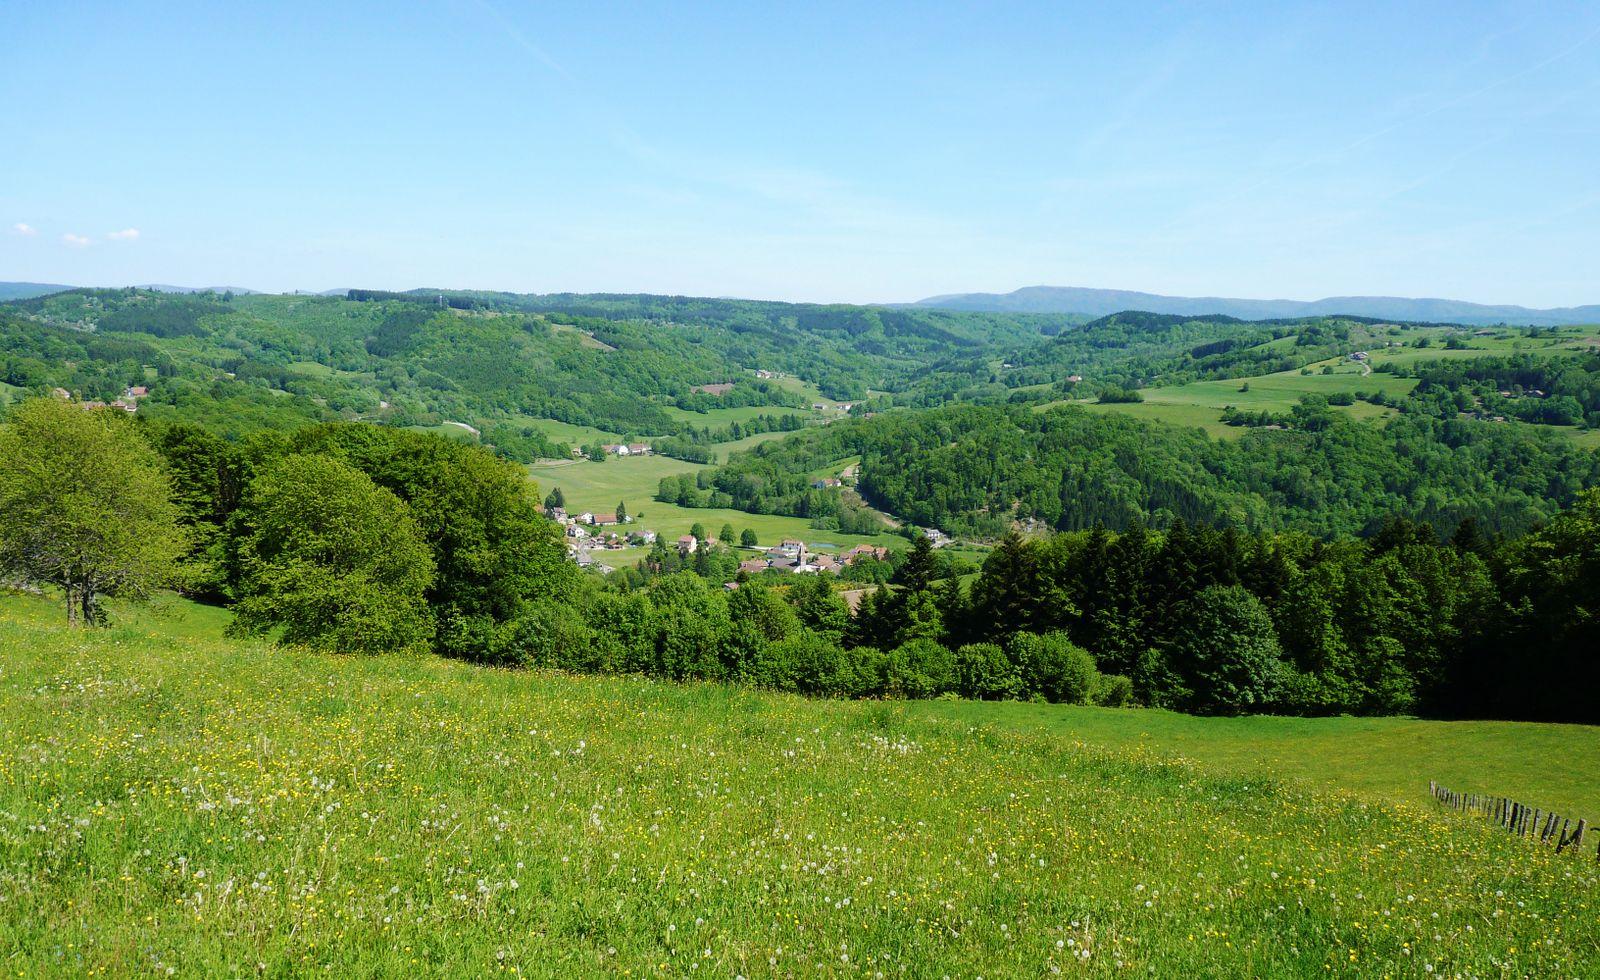 Vue sur le village de Corravillers depuis le gite.